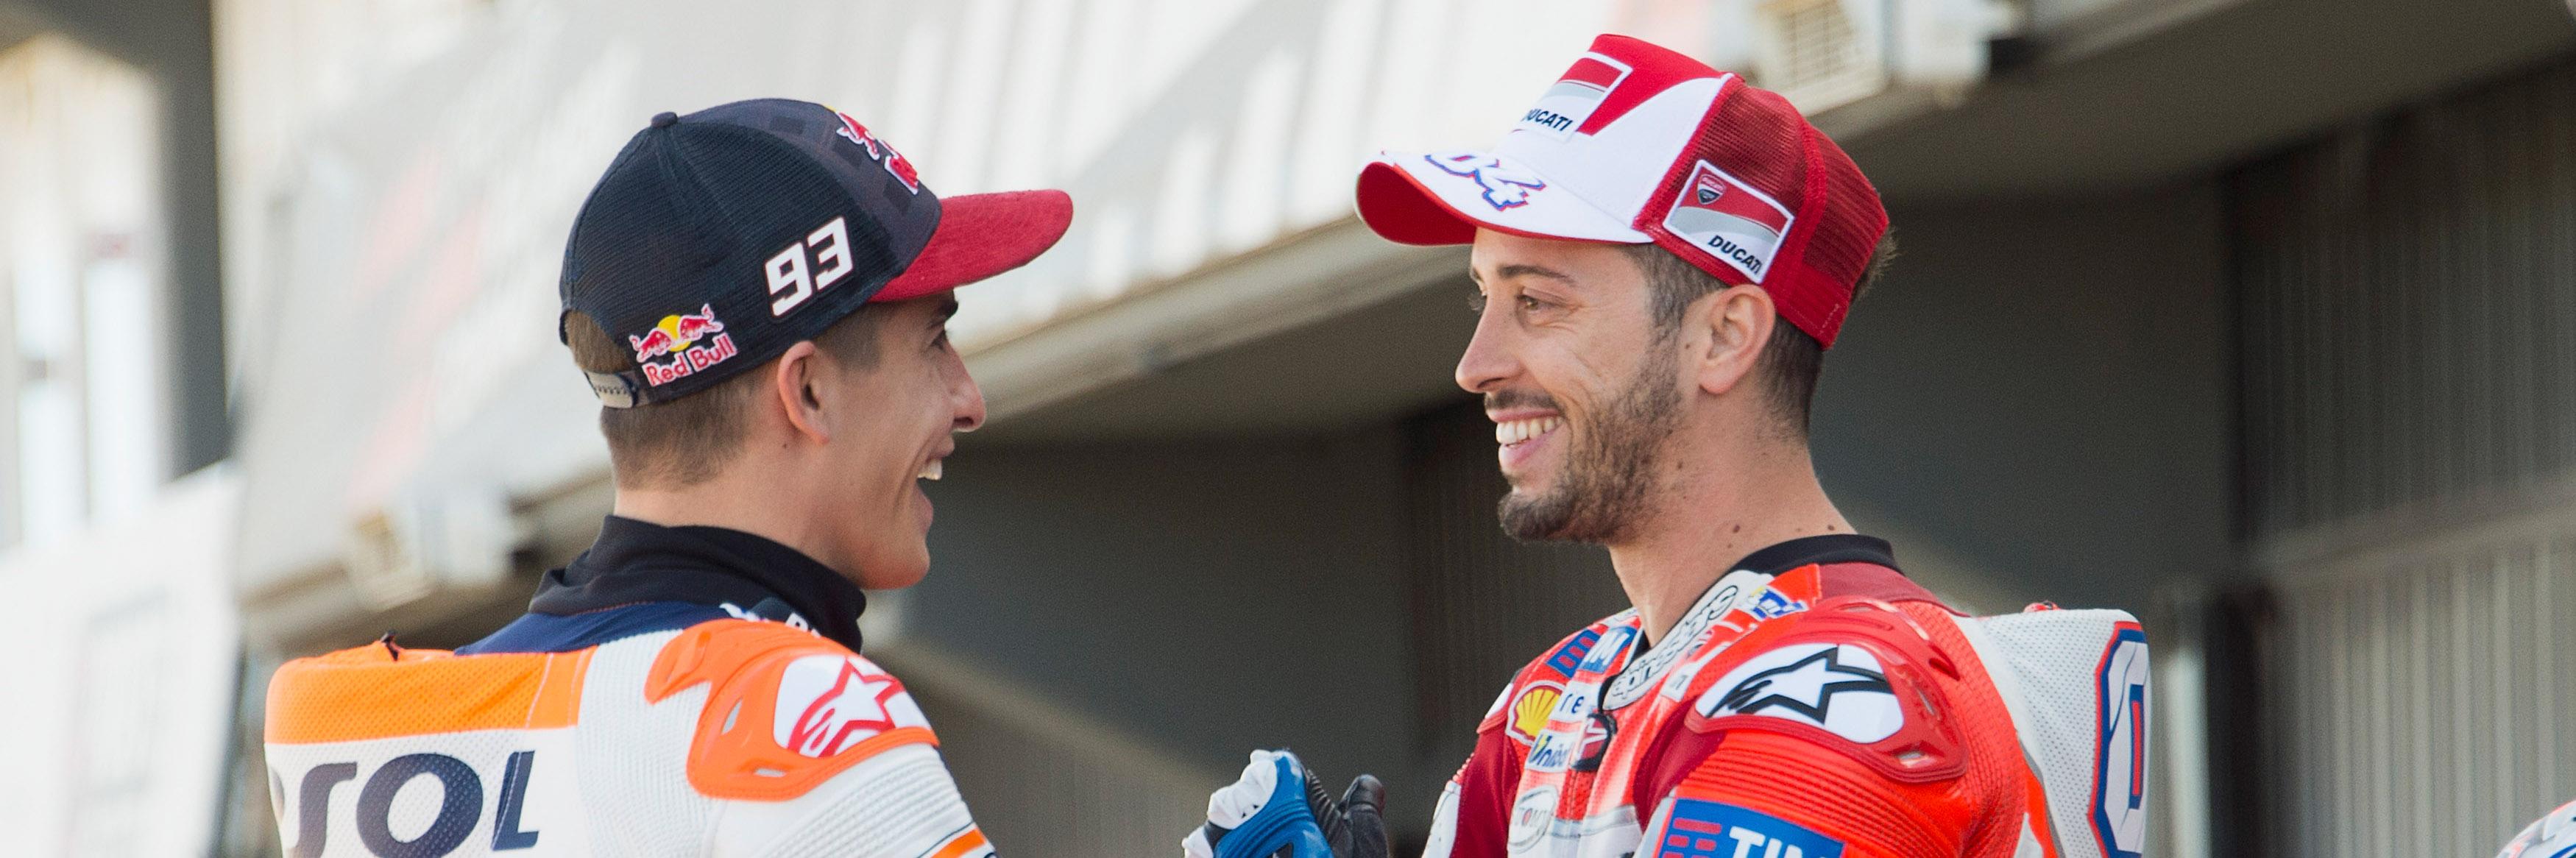 MotoGP, Vorschau, Spanien GP, bwin